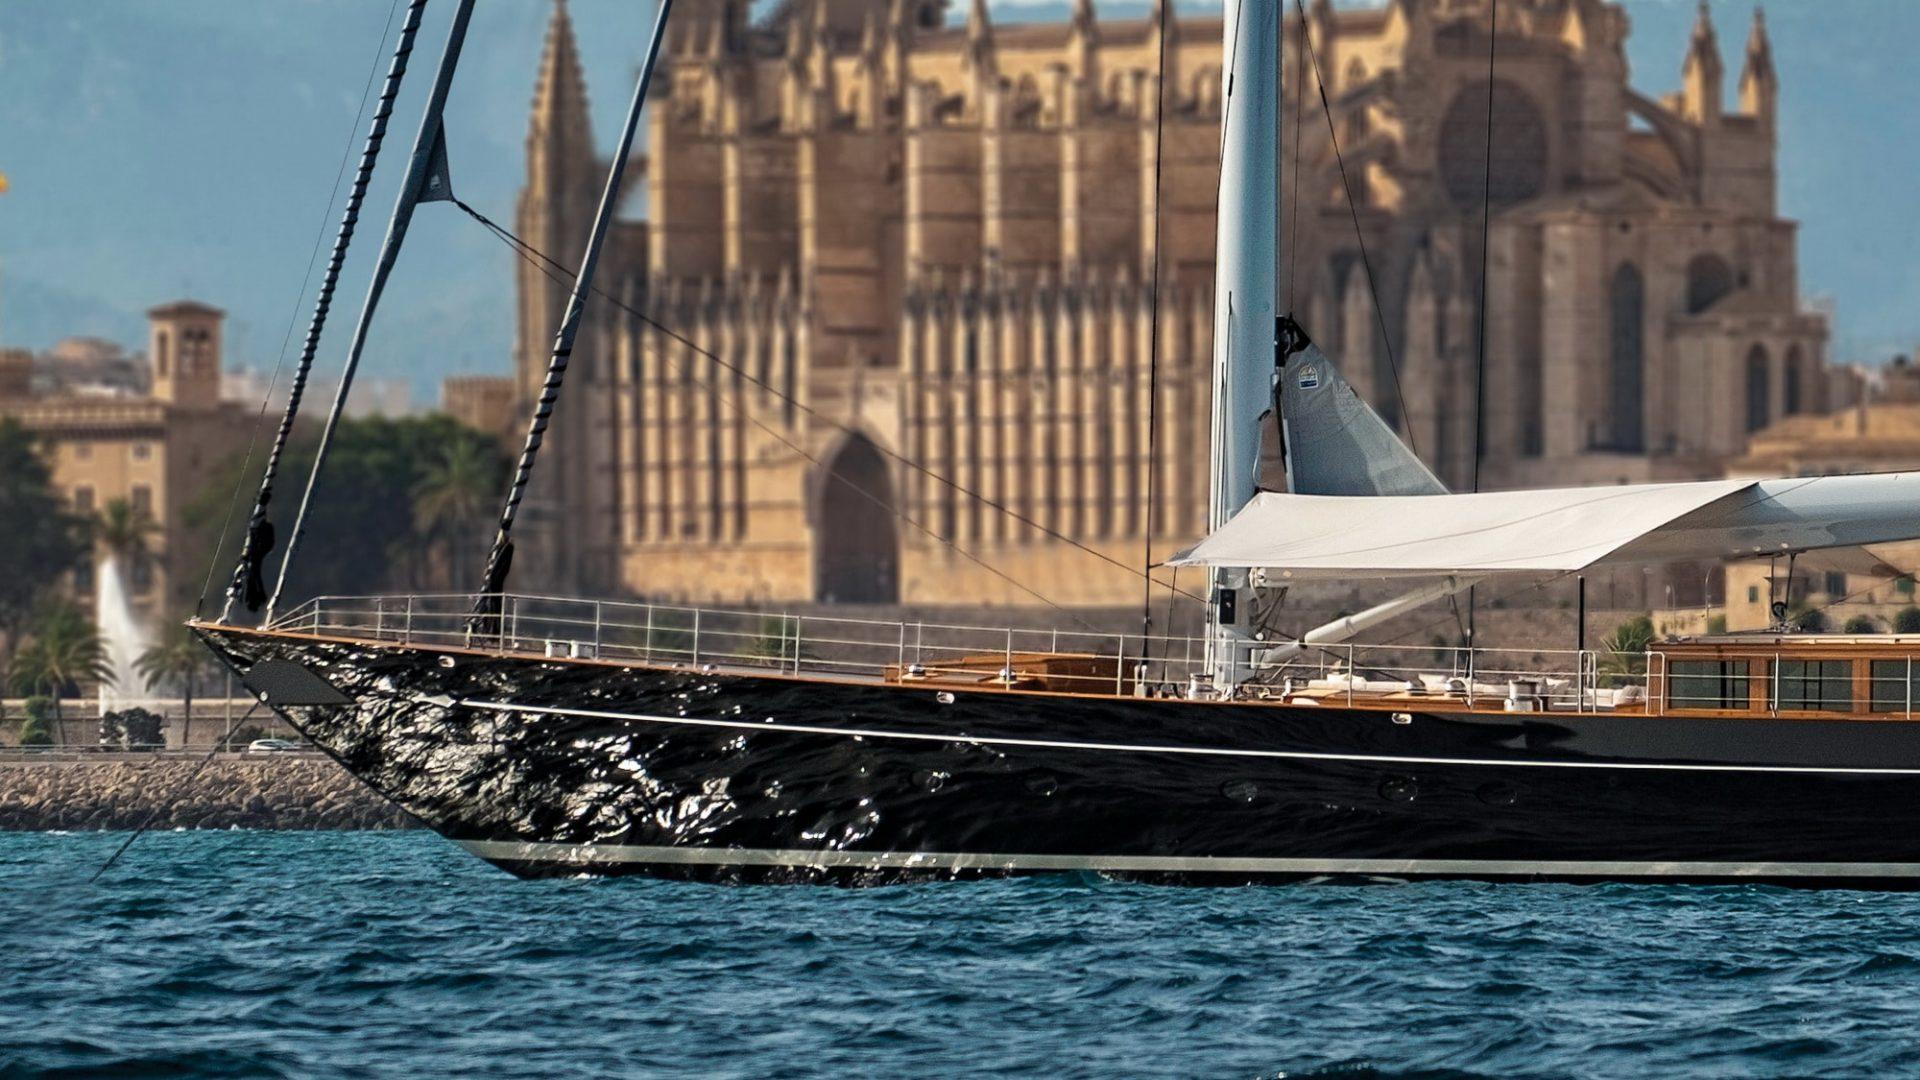 04/07/18  Royal Huisman s/y Aquarius Launching Photo-Shooting  Palma de Mallorca, July 2 - 5 / 2018  © Carlo Baroncini Photography